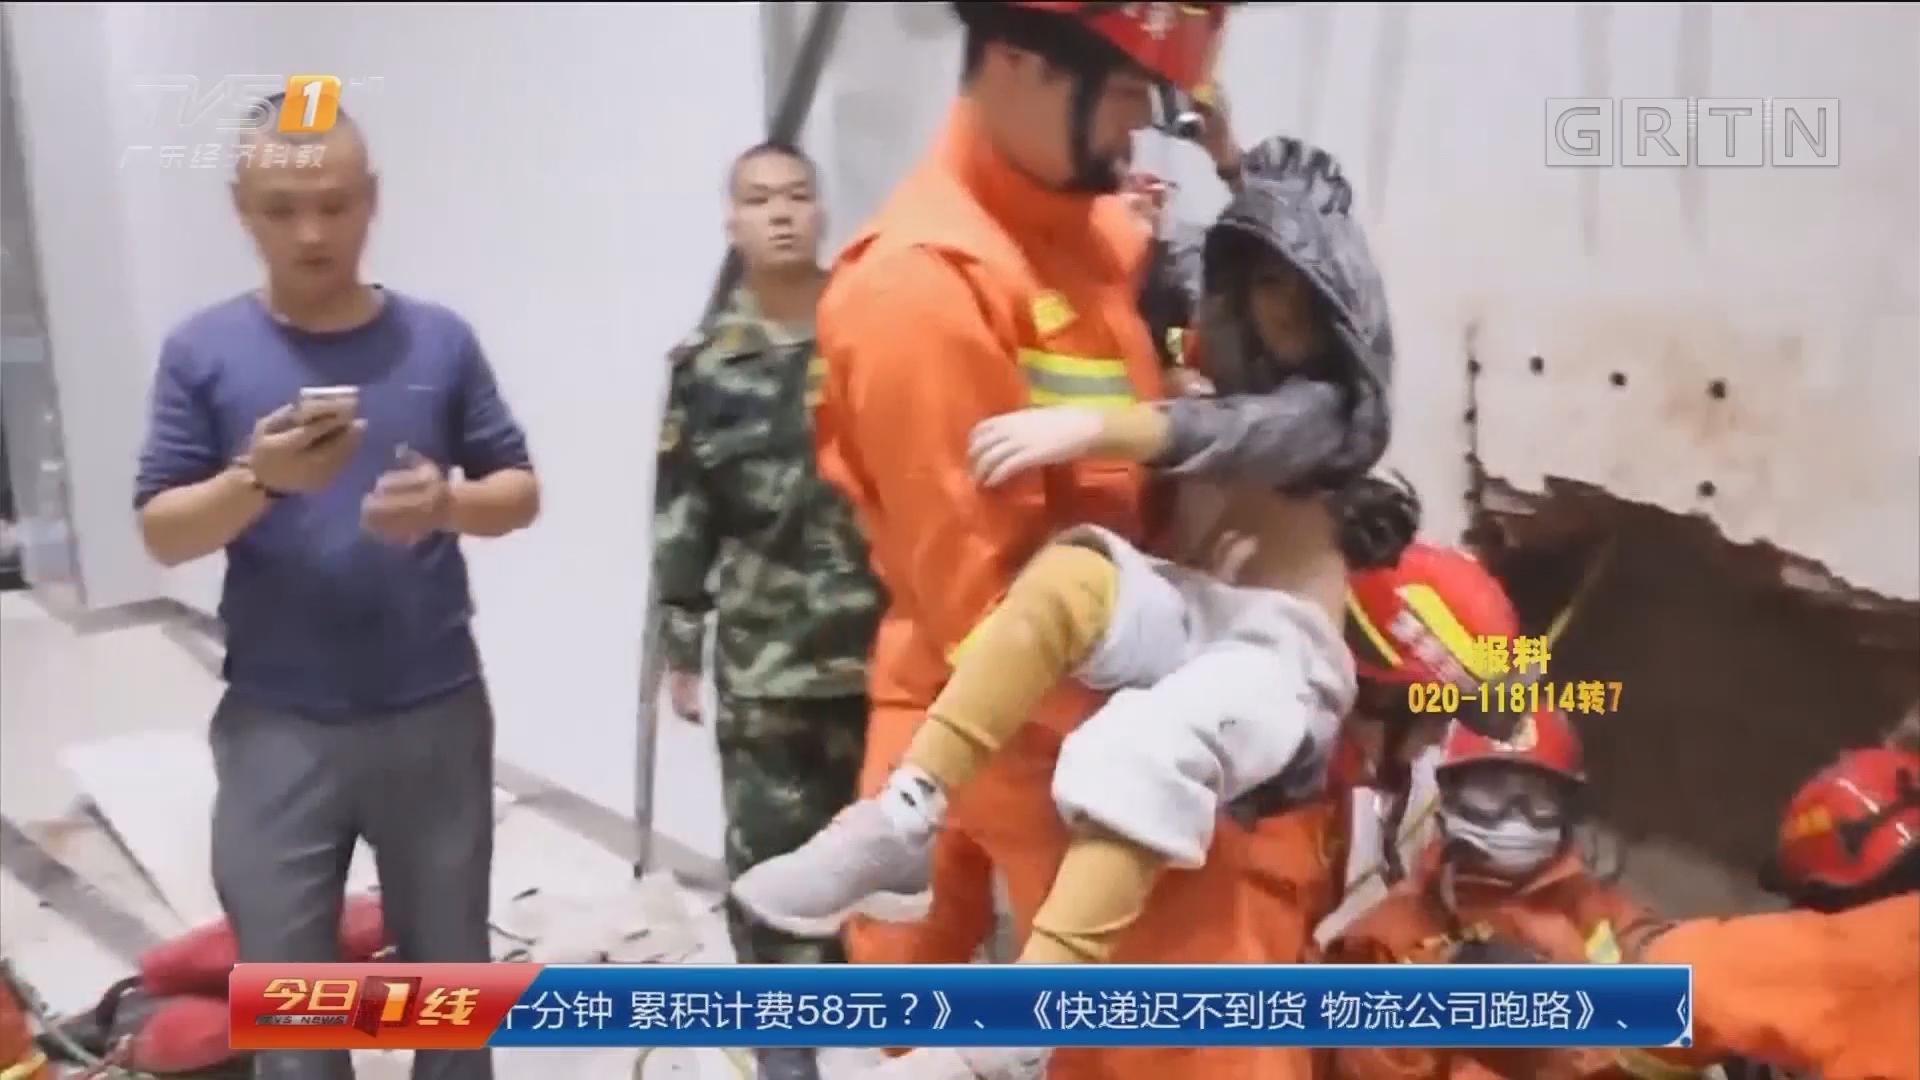 深圳宝安:4岁娃被卡16公分墙缝 消防破墙救援